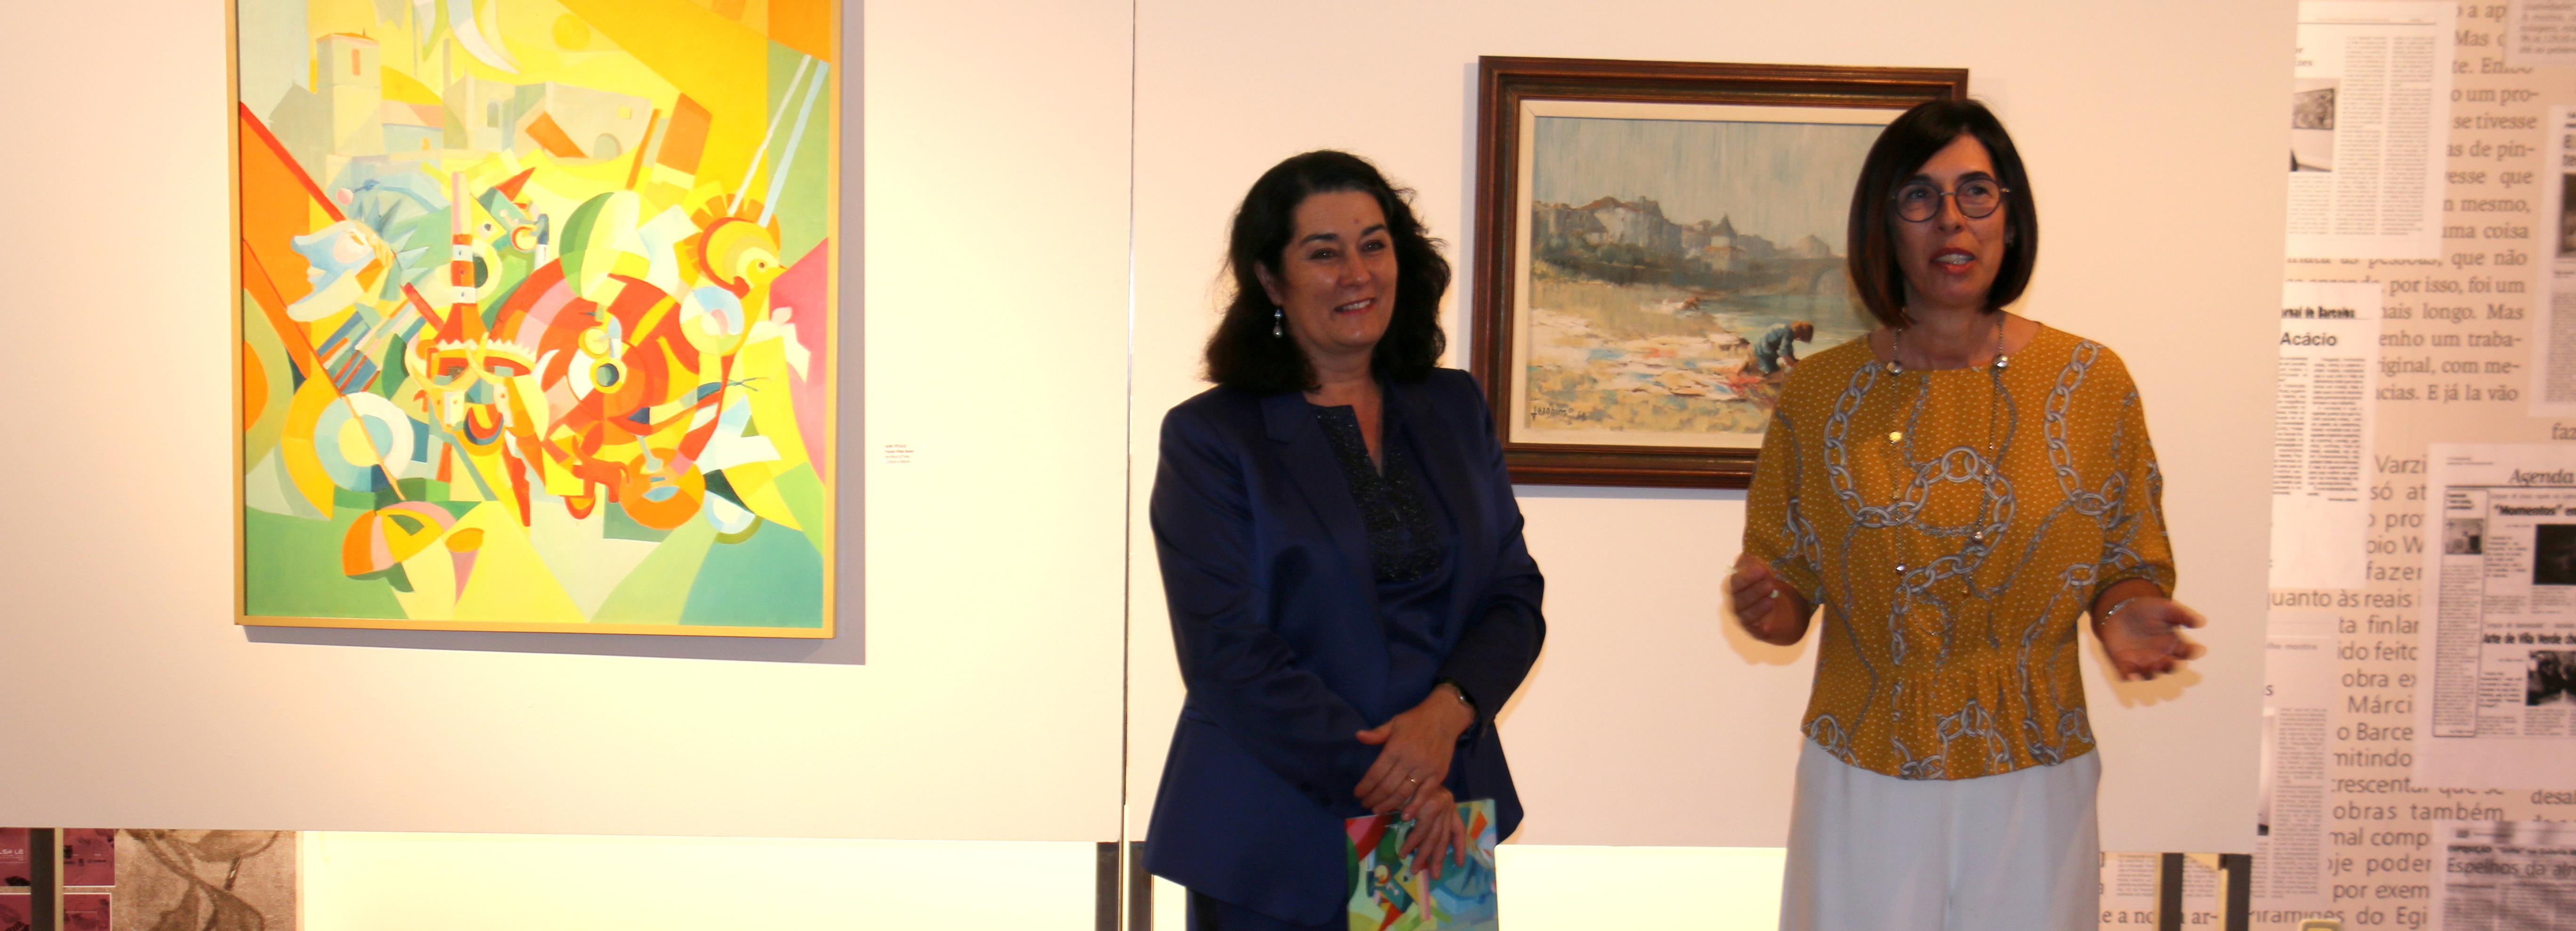 Galeria Municipal de Arte celebra 20 anos de existência